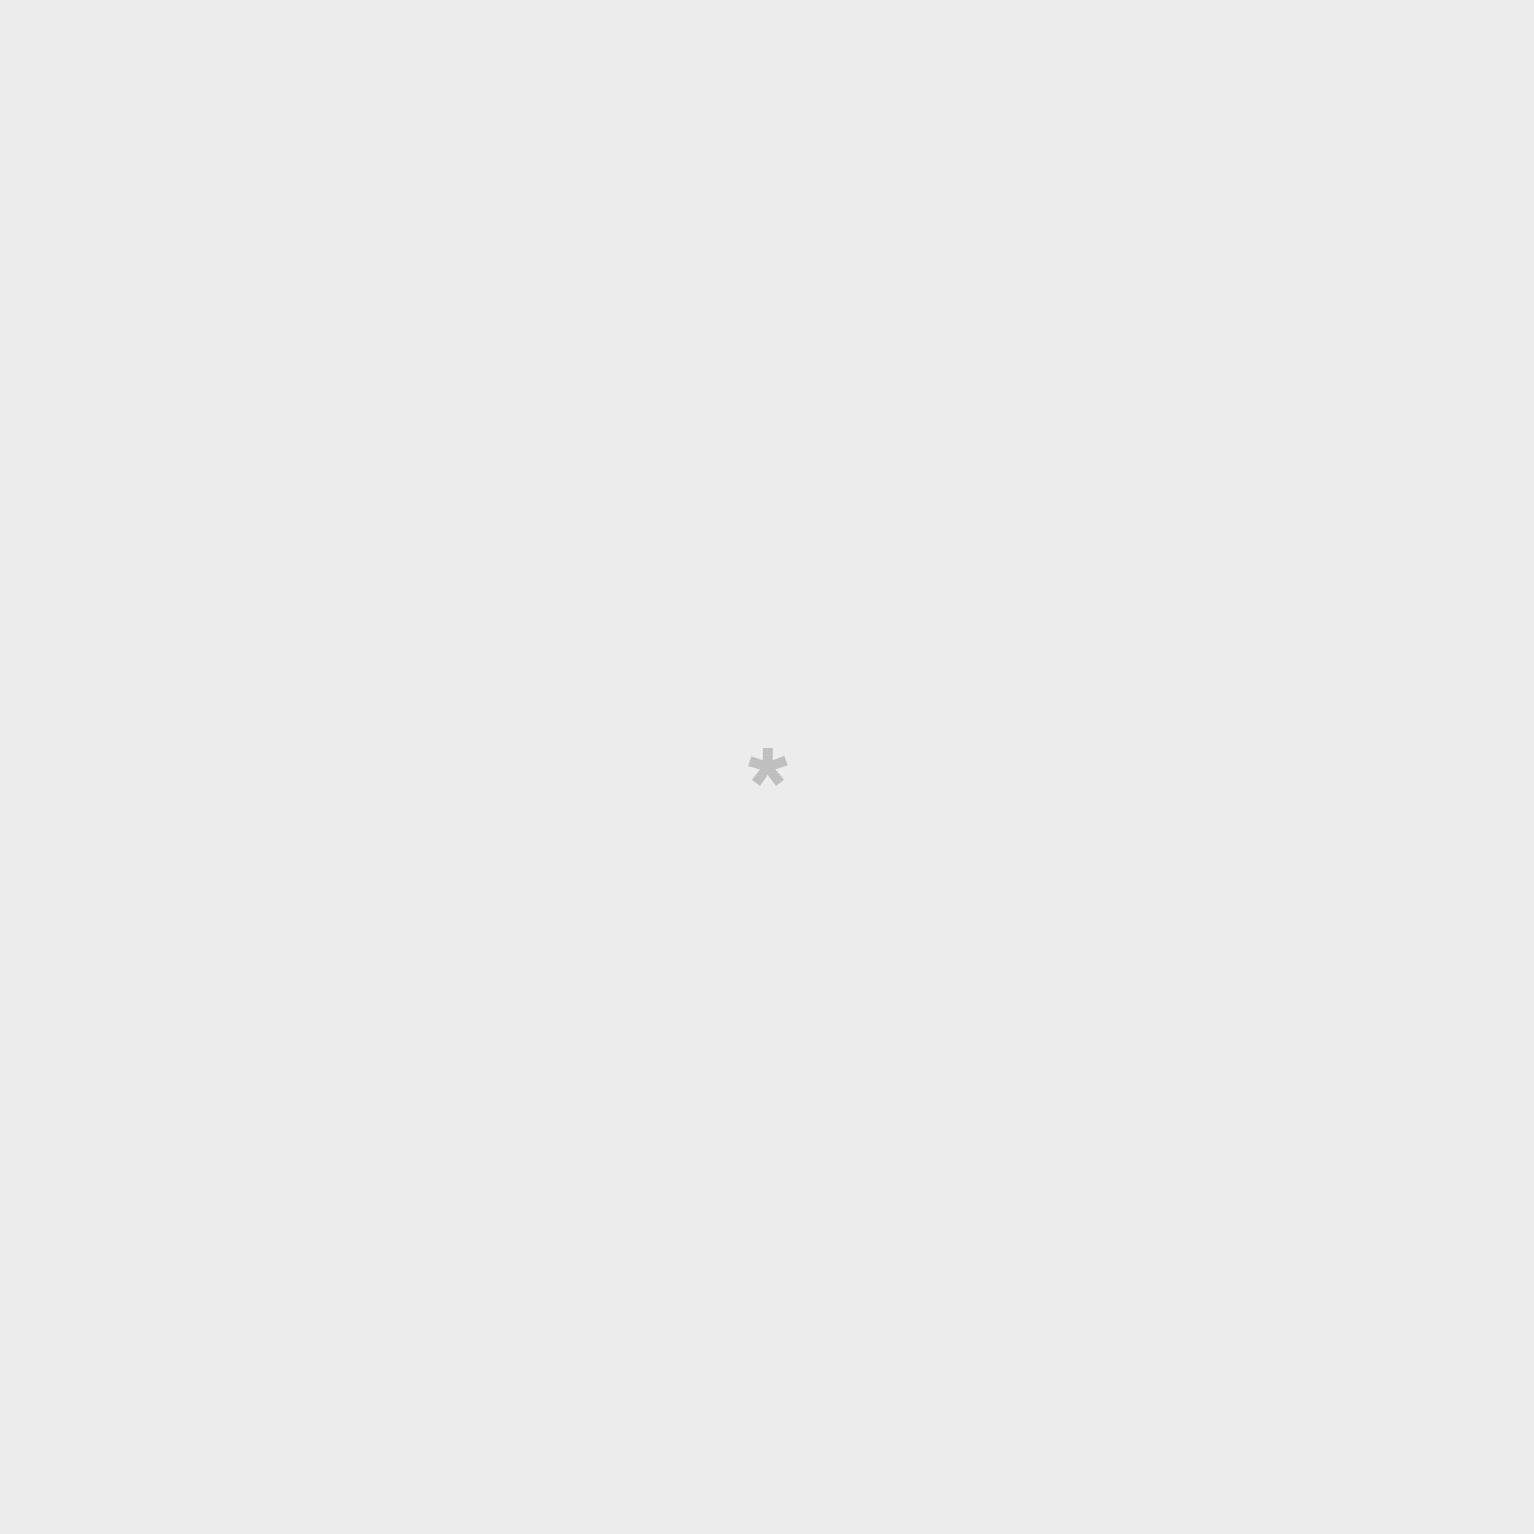 Three-part pencil case - I'm full of dreams